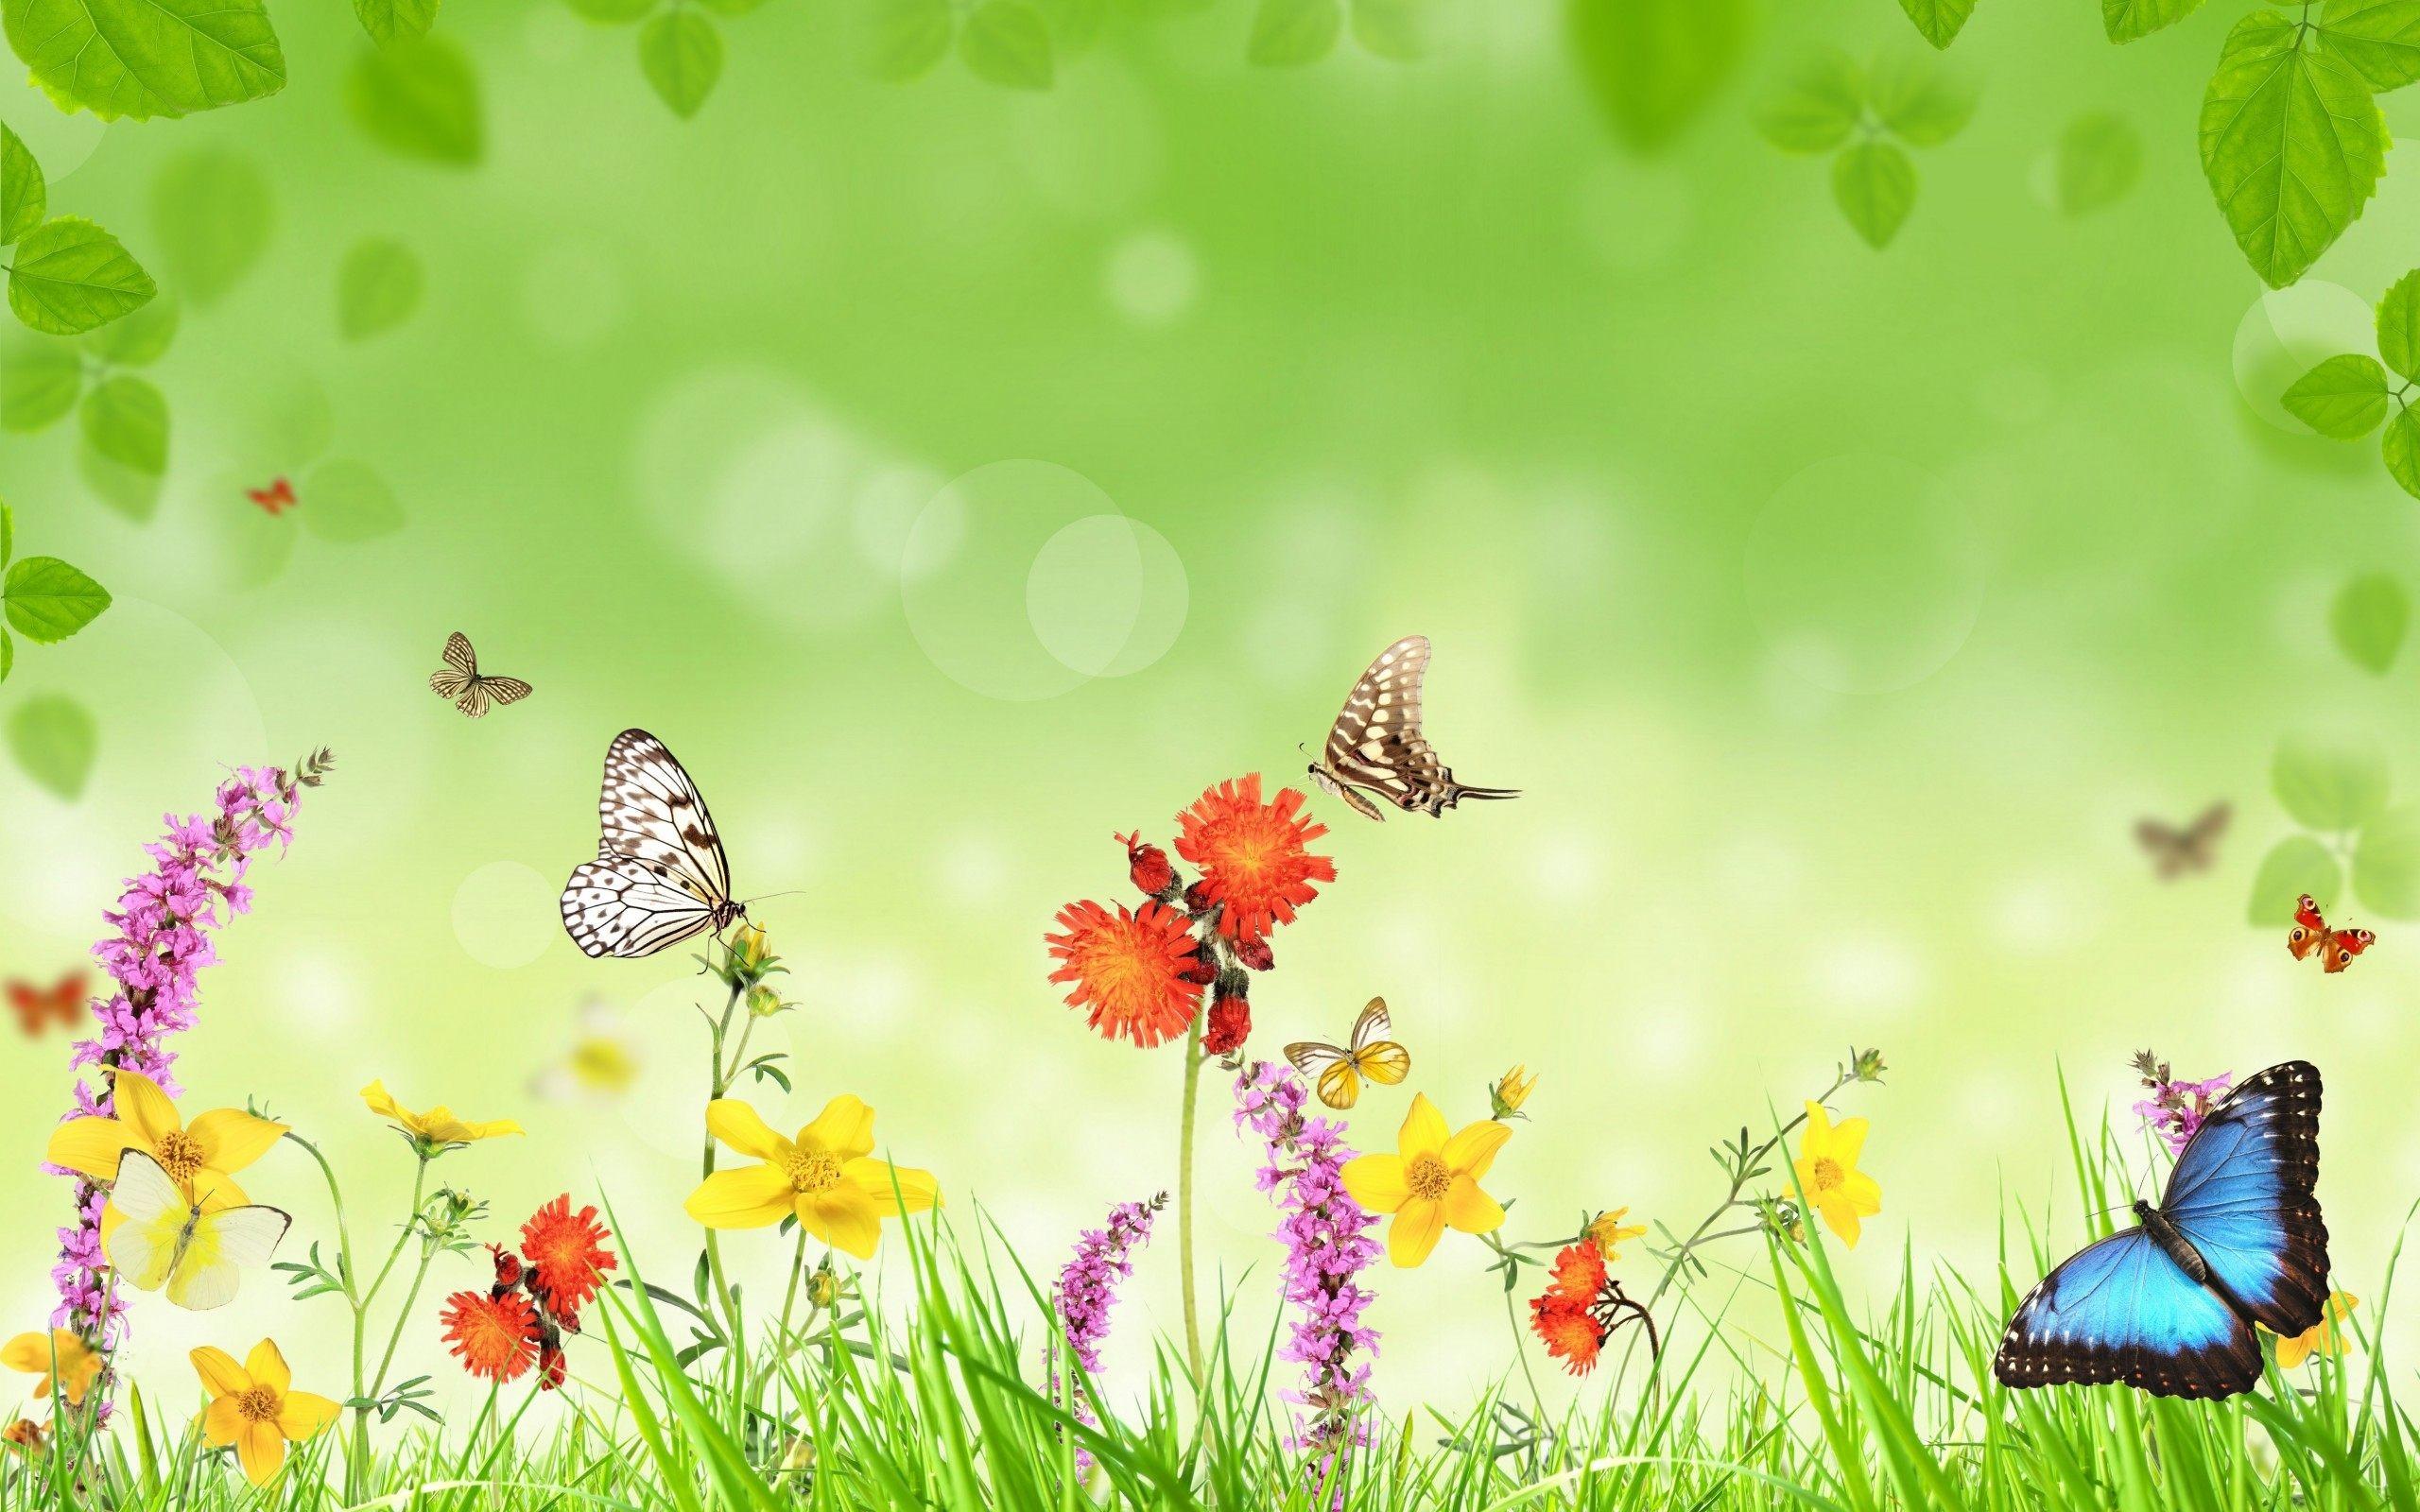 … Butterfly Wallpaper Download HD